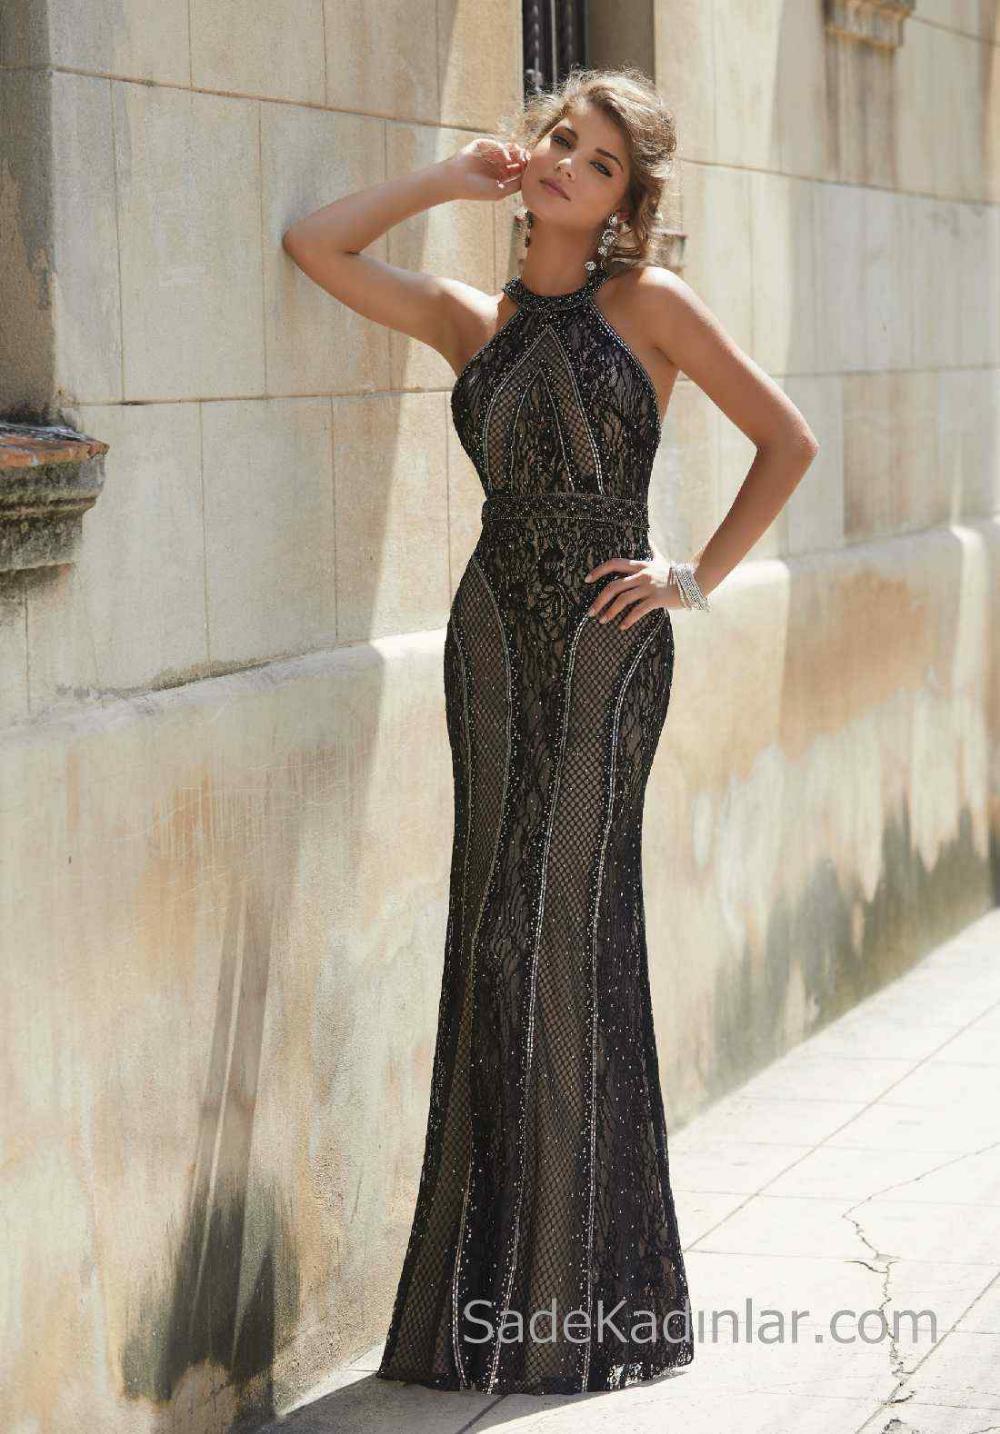 2020 Abiye Ve Gece Elbiseleri Sik Abiye Modelleri Siyah Uzun Halter Yaka Dantelli The Dress Siyah Mezuniyet Balosu Elbiseleri Elbise